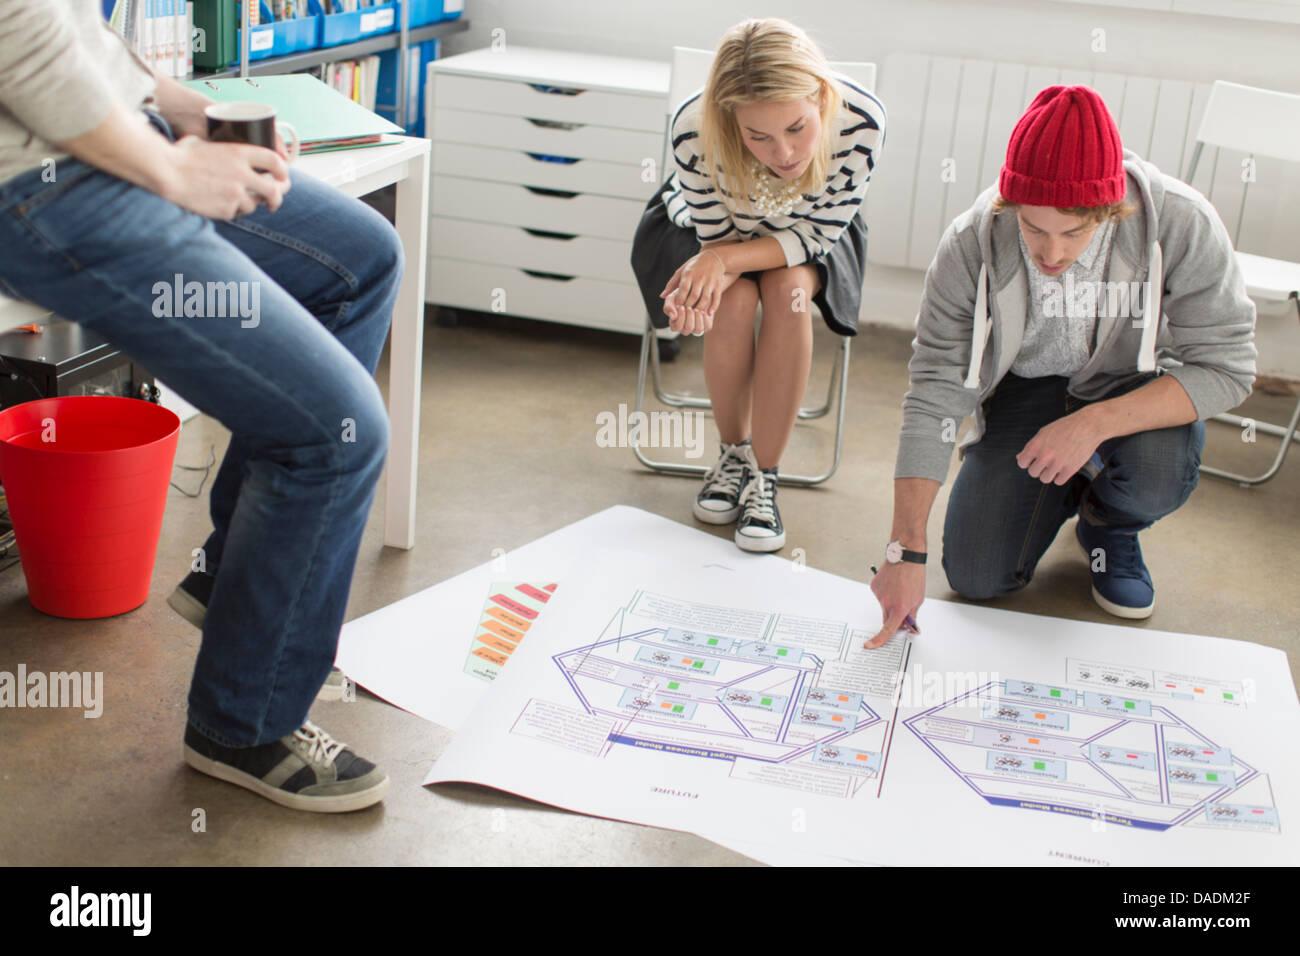 Los jóvenes trabajadores de oficina discutiendo planes en oficina creativa Imagen De Stock